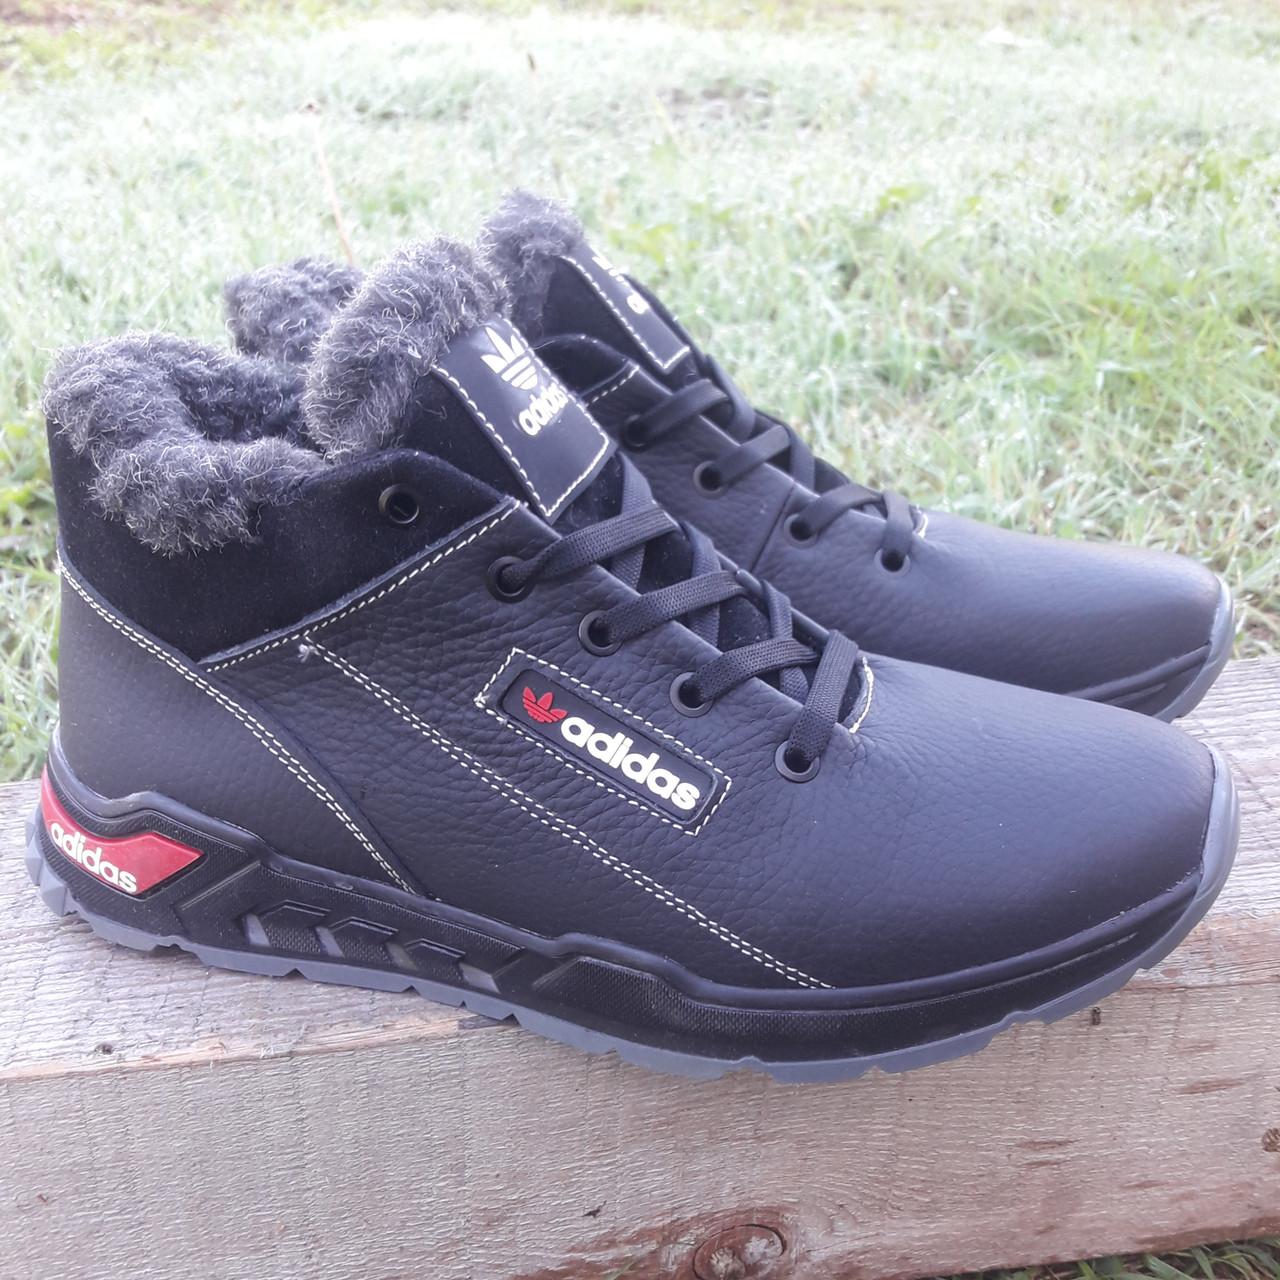 Кроссовки мужские зимние Adidas р.41 кожа Харьков чёрные